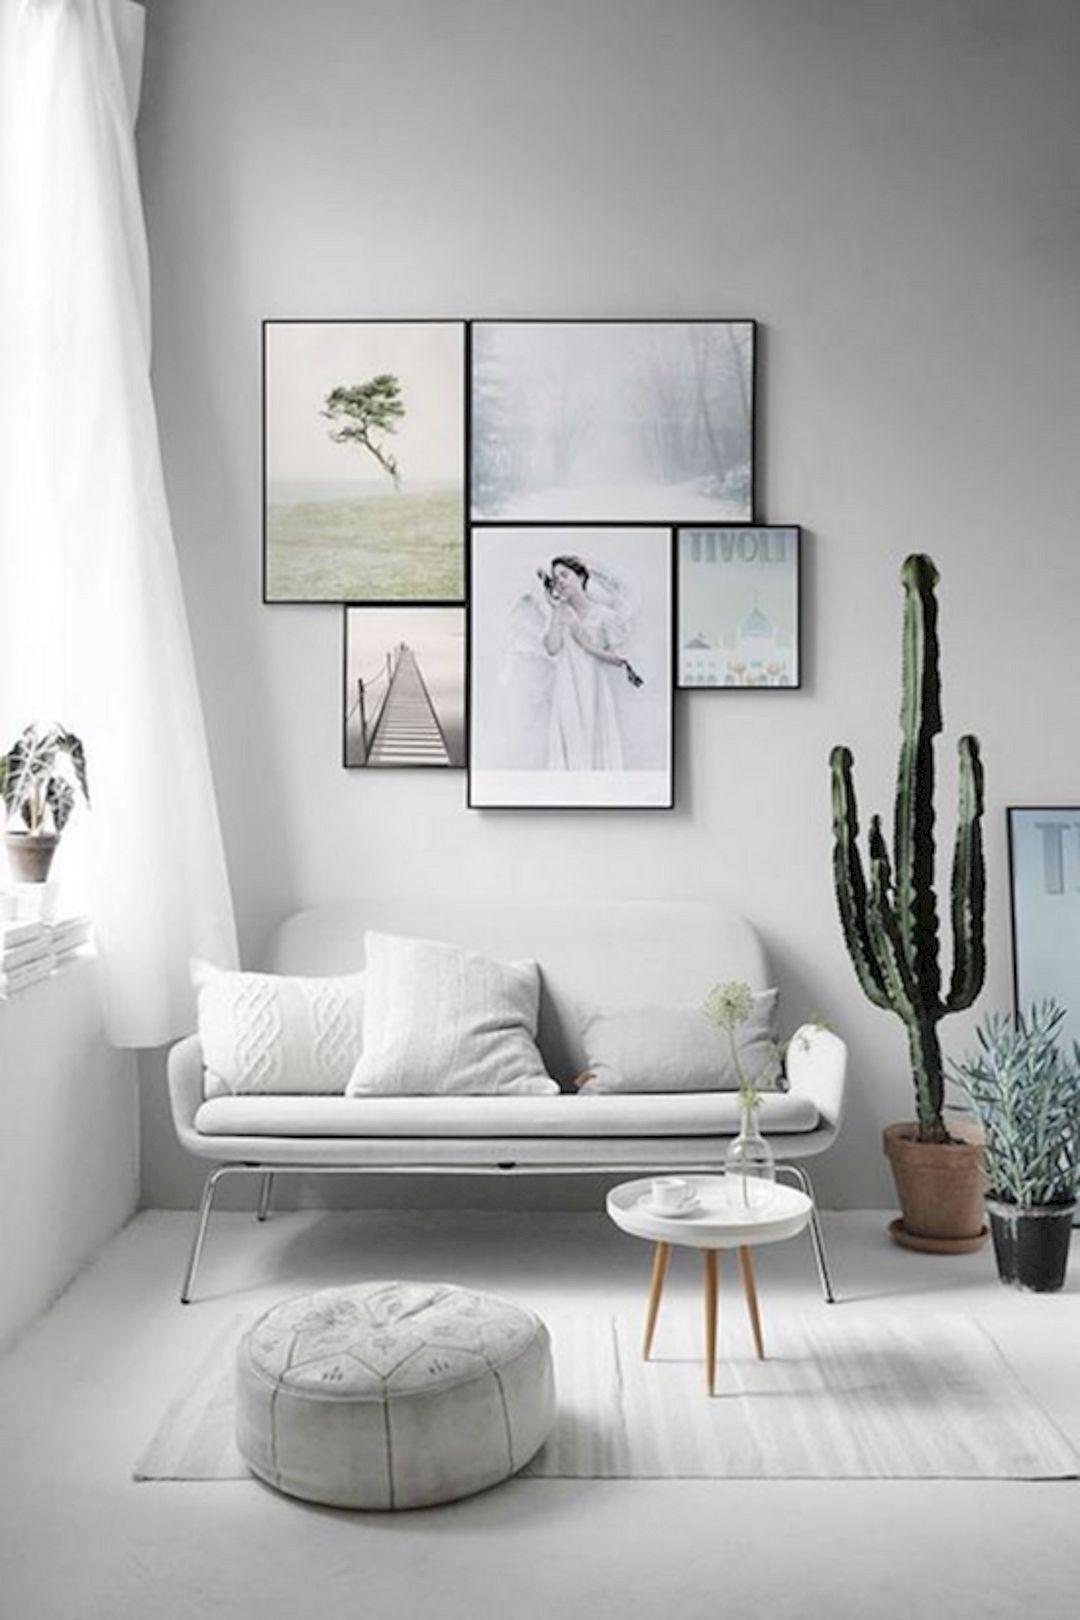 Gorgeous Minimalist Home Decor Idea 9  Minimalist Minimal Living Magnificent Living Room Minimalist Design 2018